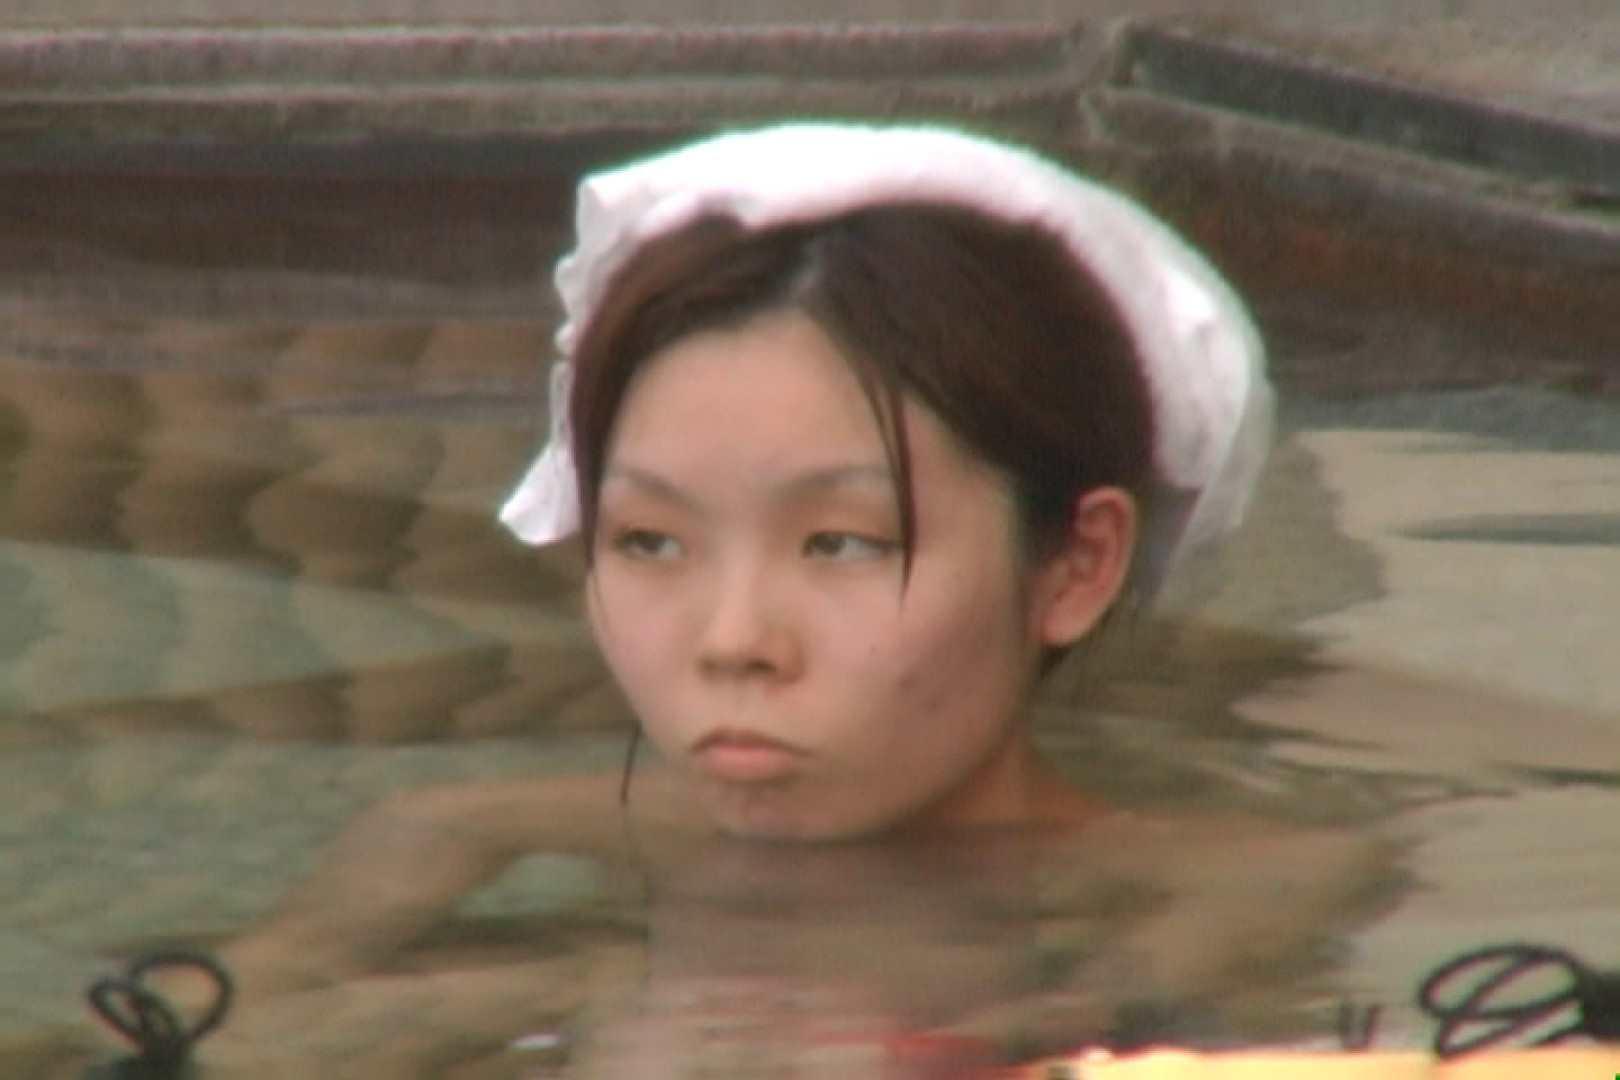 Aquaな露天風呂Vol.580 0   0  103pic 81